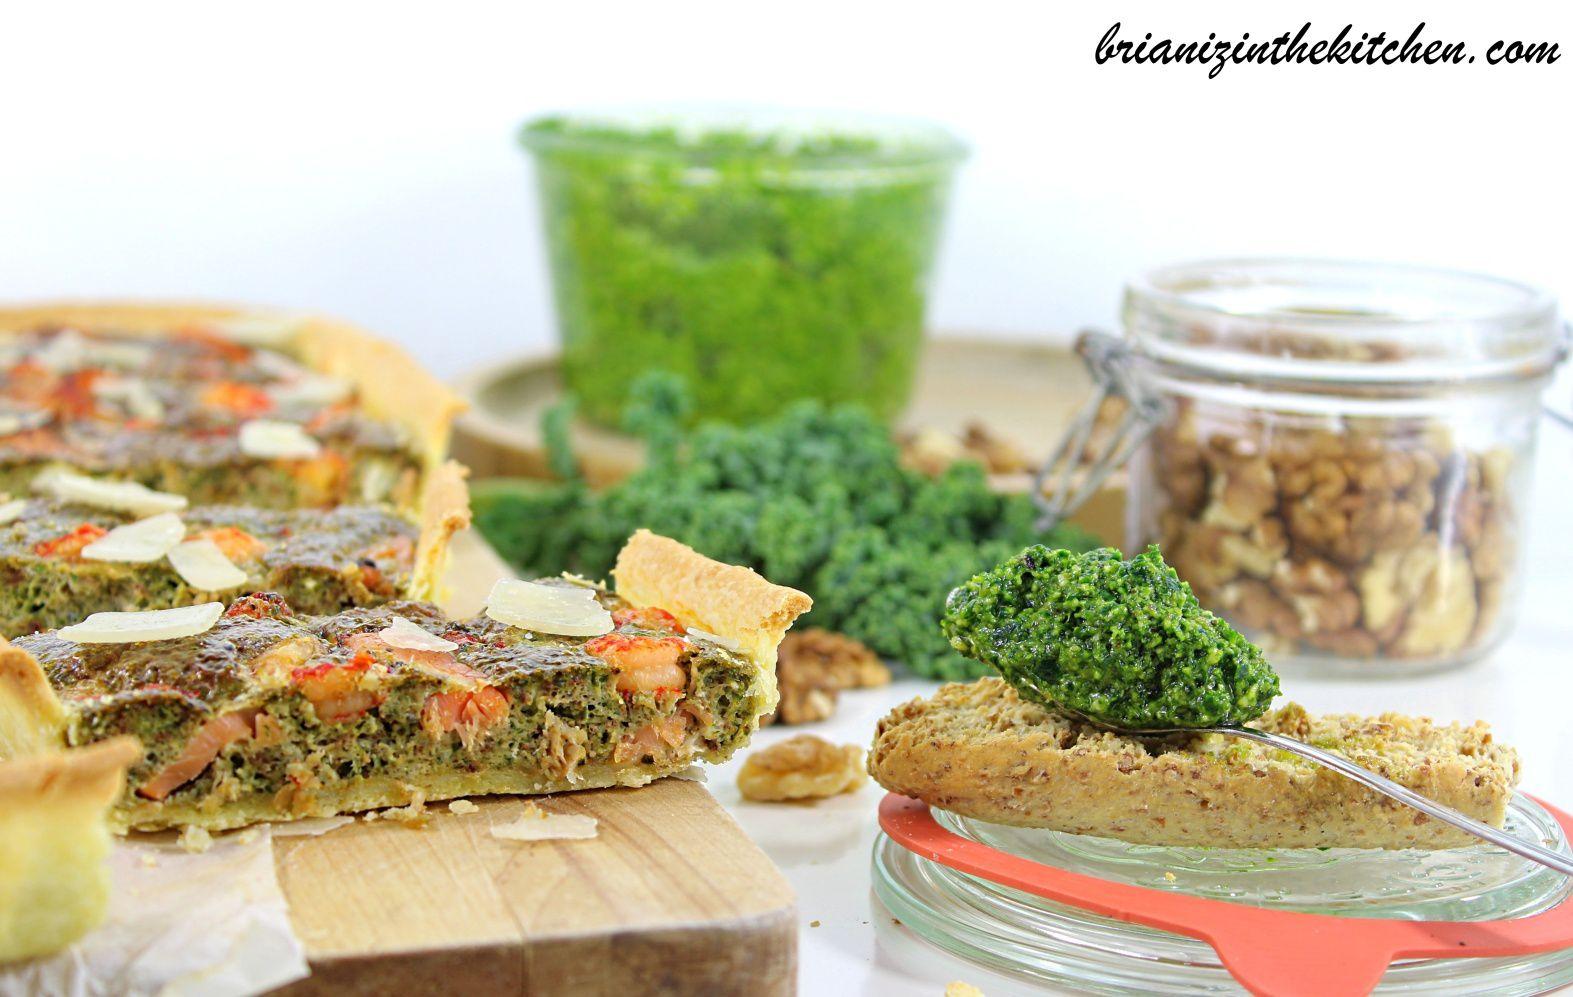 Tarte au Pesto de Chou Kale, Saumon Fumé &amp&#x3B; Ecrevisses